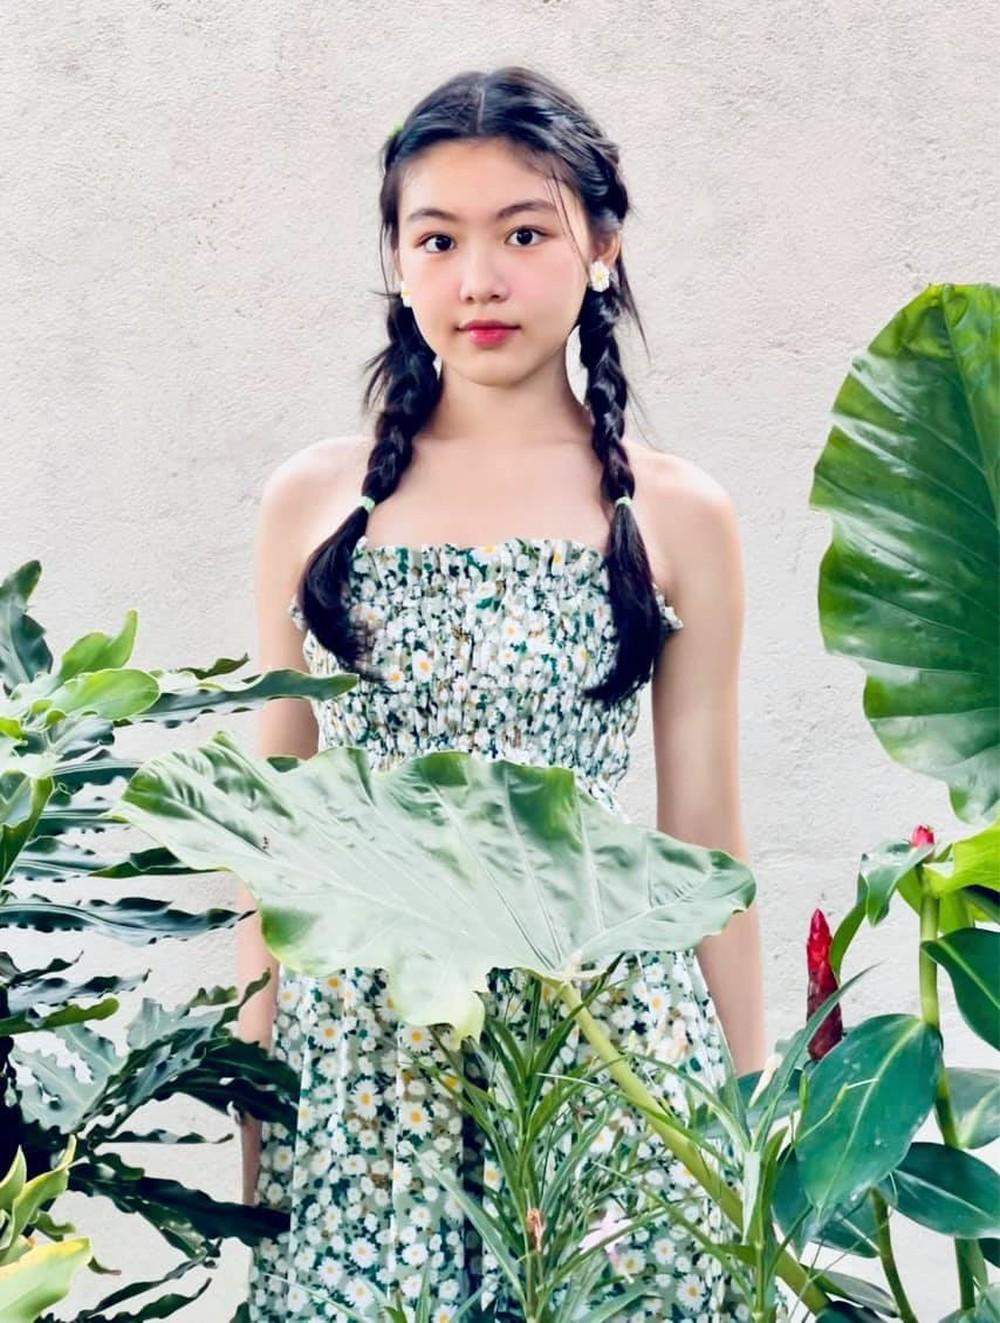 Ái nữ 16 tuổi nhà Quyền Linh tiếp tục gây chú ý với gương mặt thuần khiết, xinh đẹp - Ảnh 5.